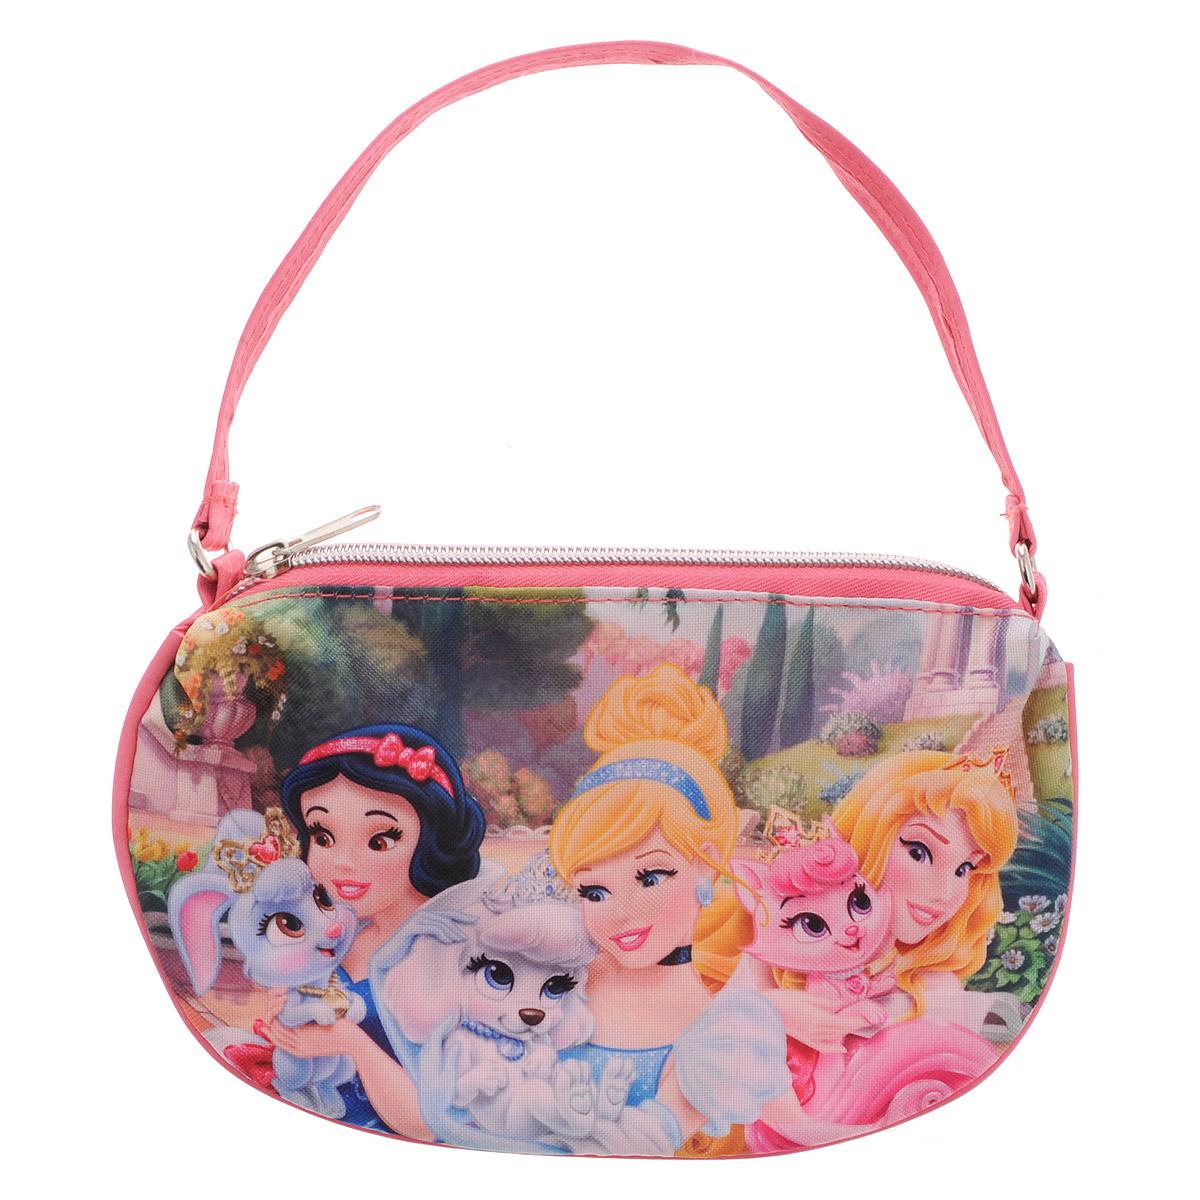 Сумочка Princess, цвет: розовый. PRCB-UT4-401737173Яркая сумочка Princess станет незаменимым аксессуаром для вашей маленькой модницы!Она изготовлена из текстильного материала и оформлена объемной аппликацией в виде изображений любимых сказочных героев. Сумка имеет одно отделение и закрывается на застежку-молнию. Ваша малышка с удовольствием будет носить в ней свои вещи, любимые игрушки или аксессуары. Порадуйте ее таким замечательным подарком!